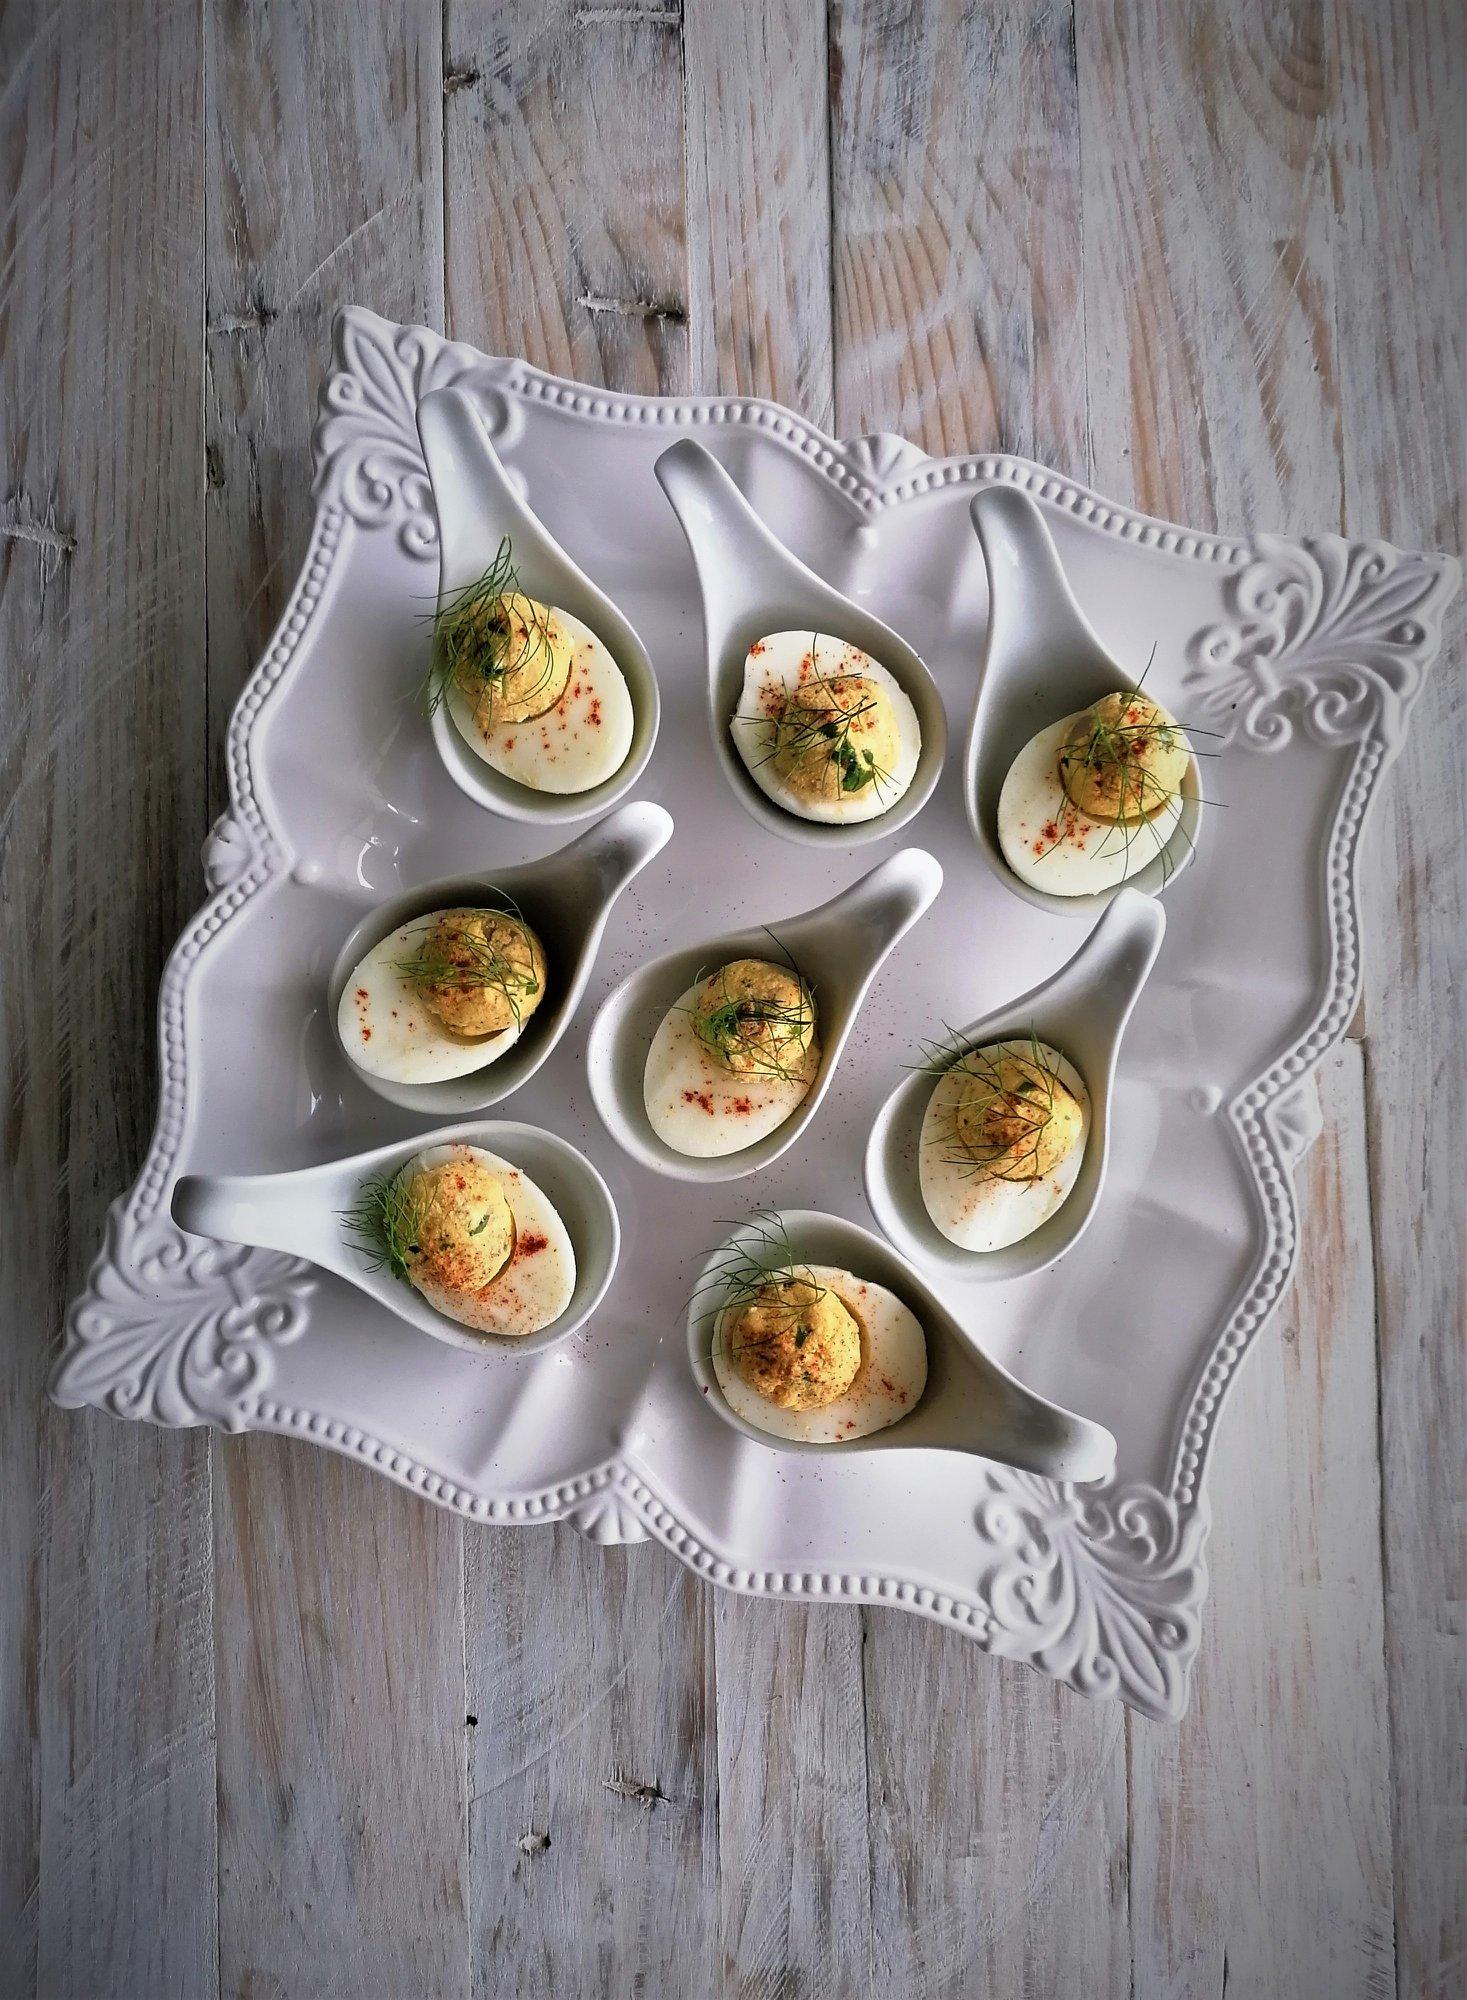 Ovos recheados com atum fumado e requeijão Quinta dos Açores